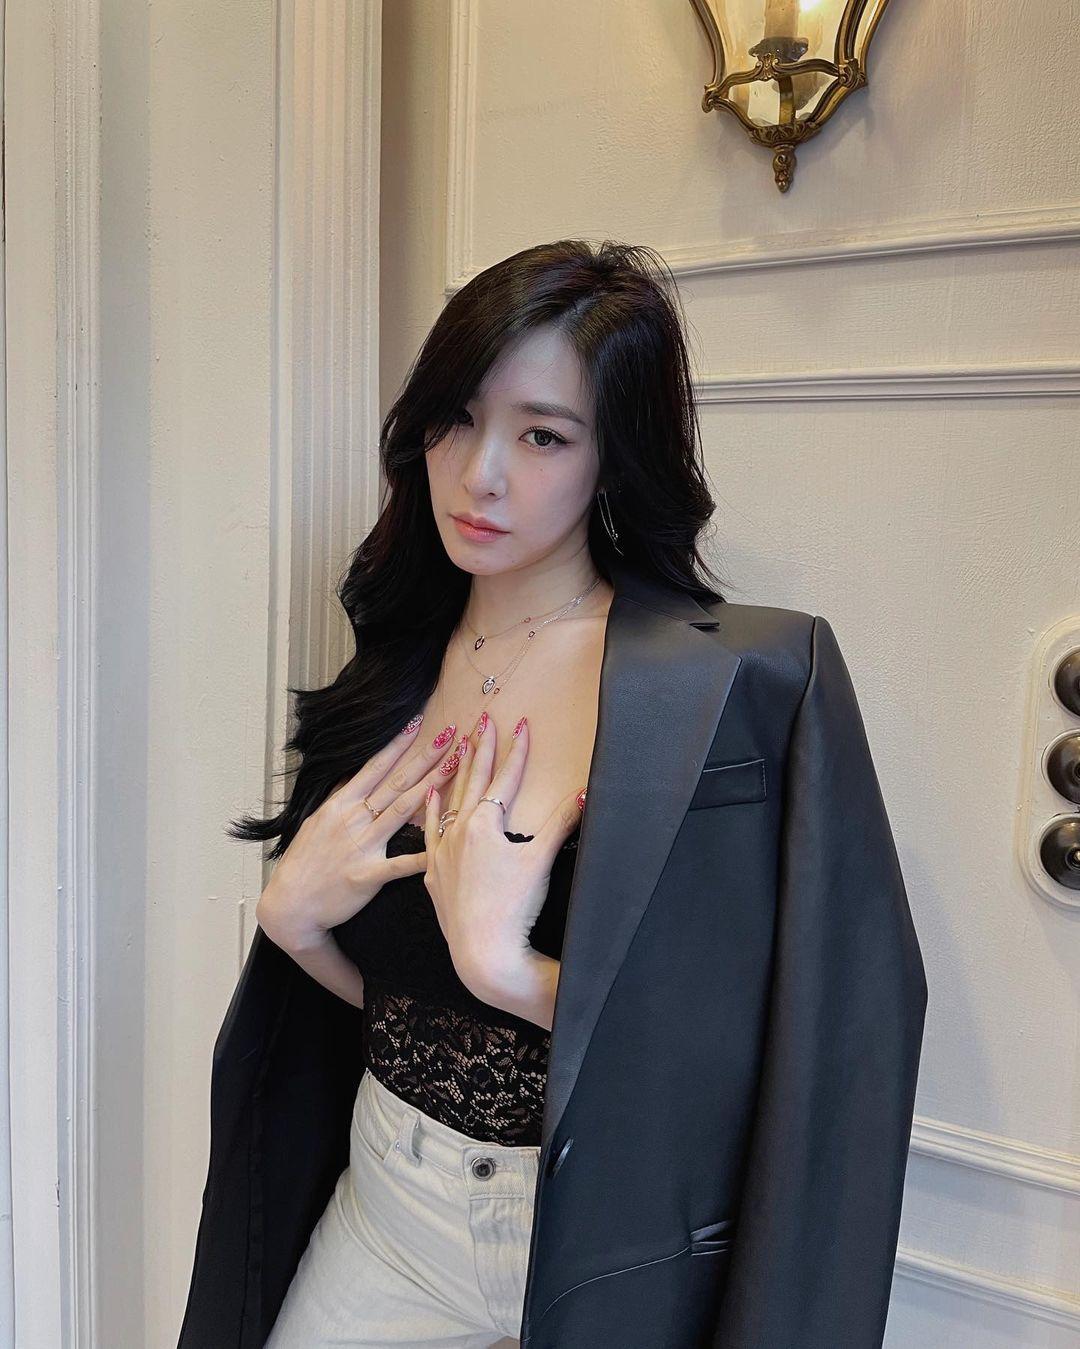 Style mùa hè của Tiffany - Sooyoung (SNSD) chính là chân ái cho những quý cô thanh lịch nhưng sexy khó cưỡng - Ảnh 6.